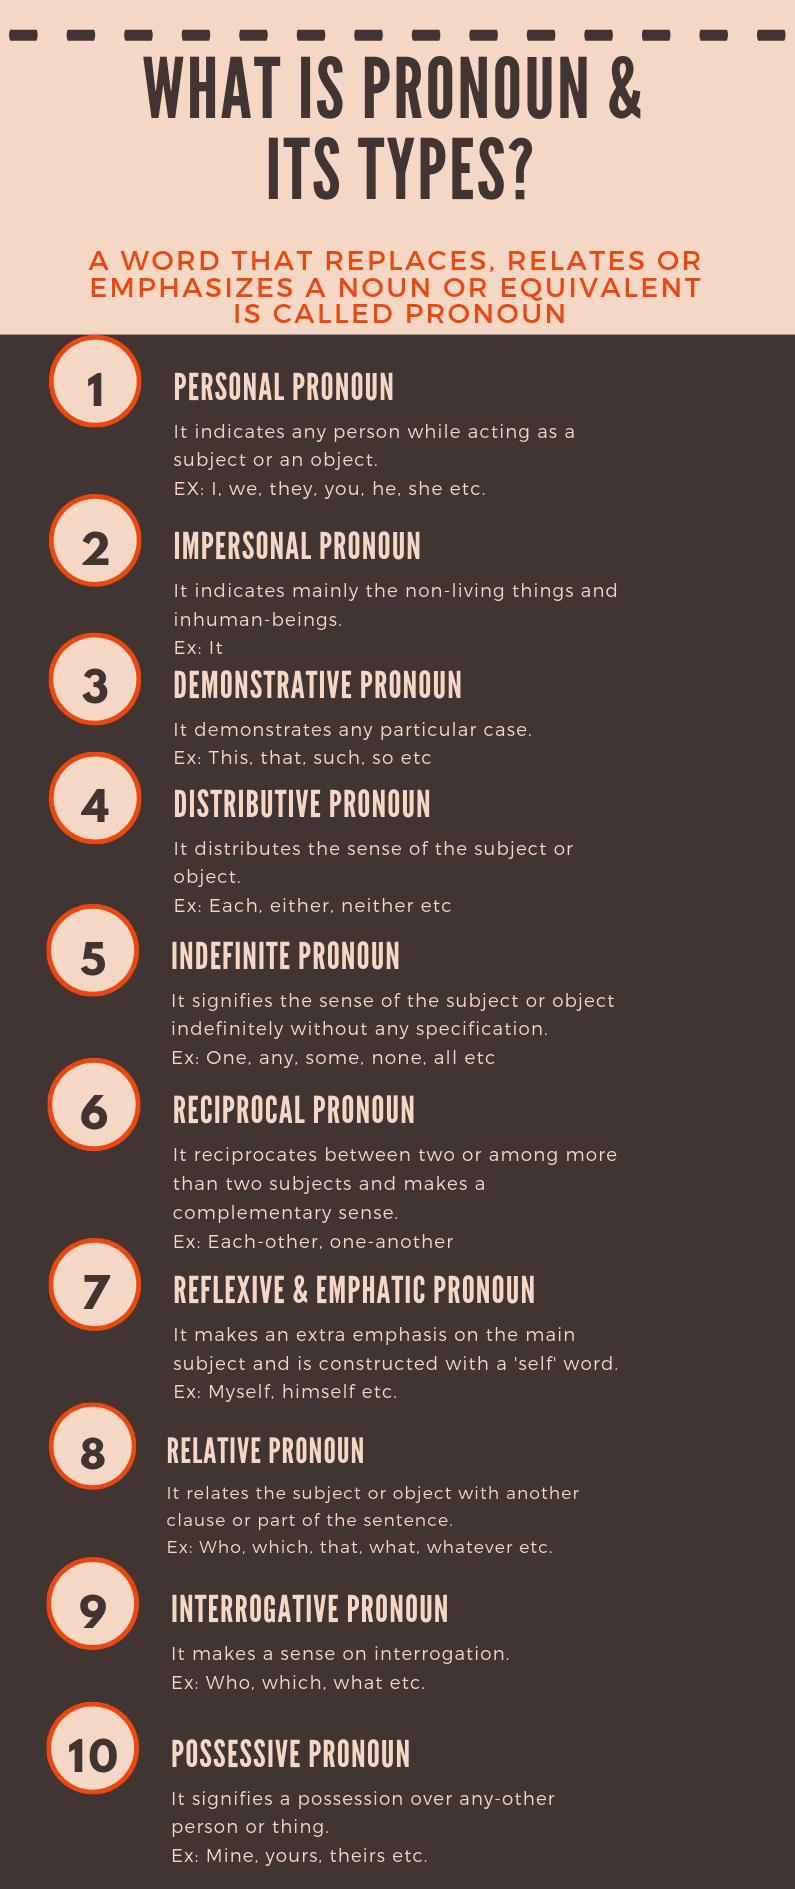 Types of pronoun